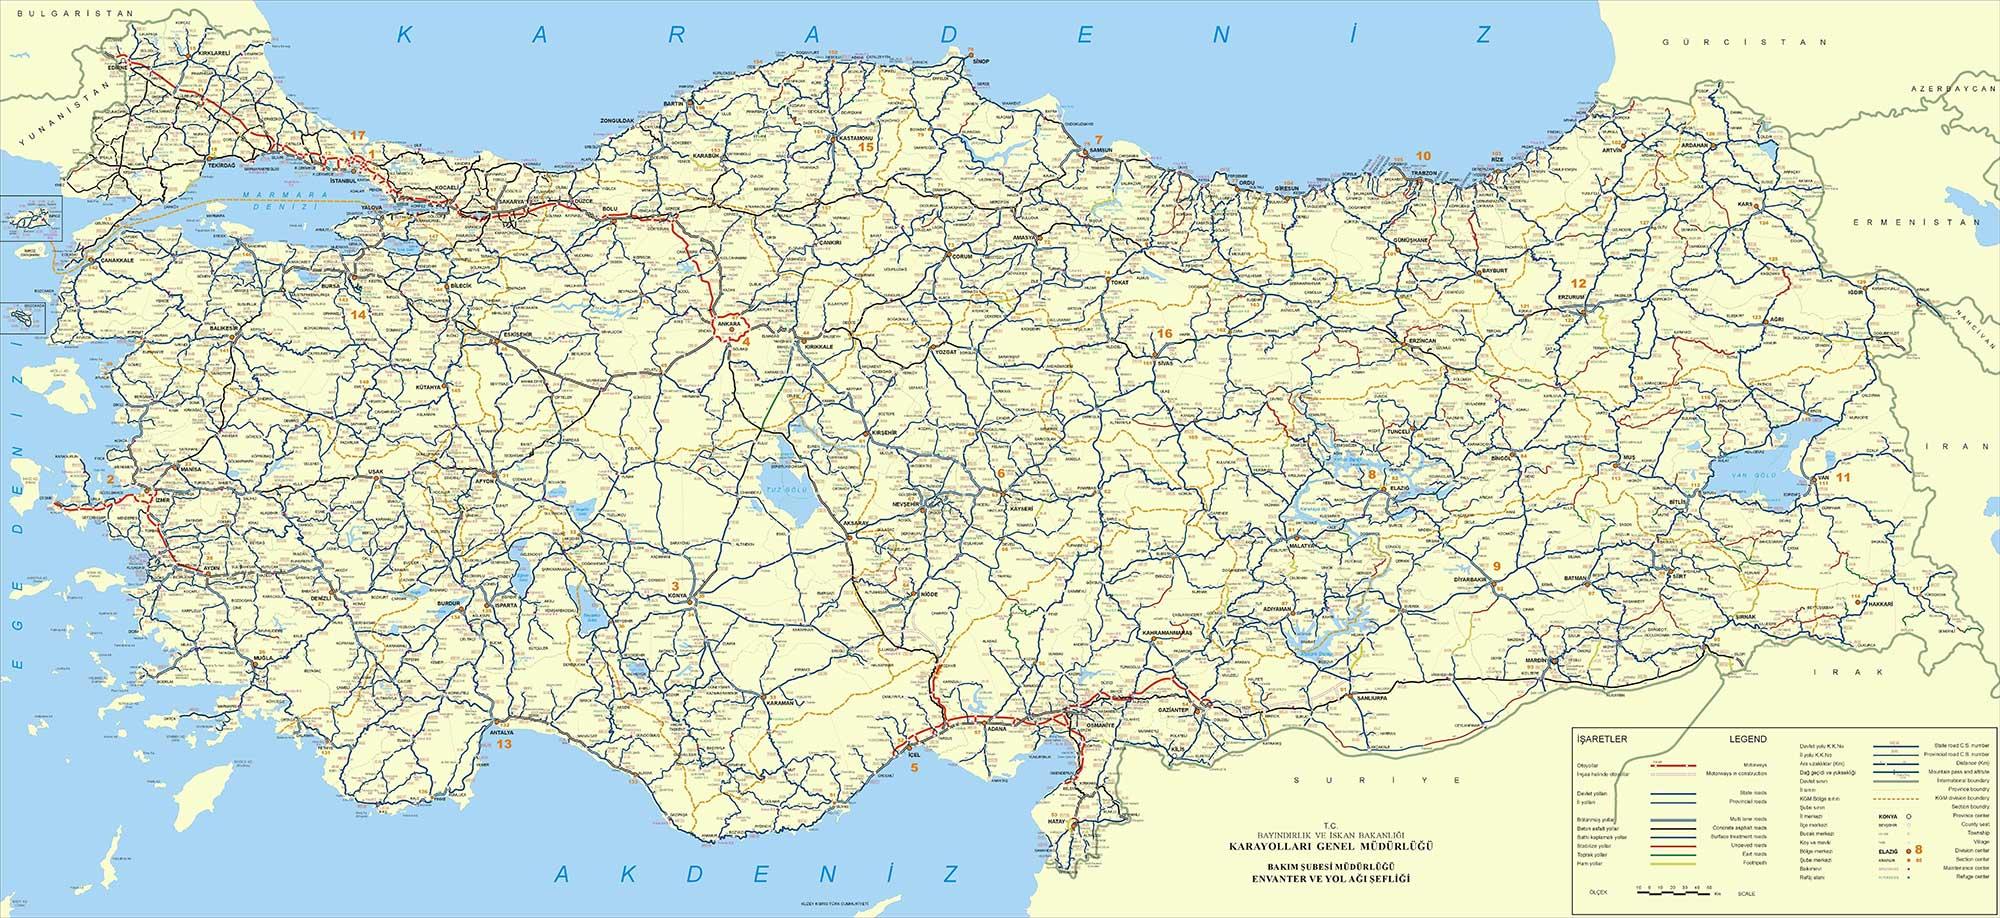 carte-des-routes-en-turquie